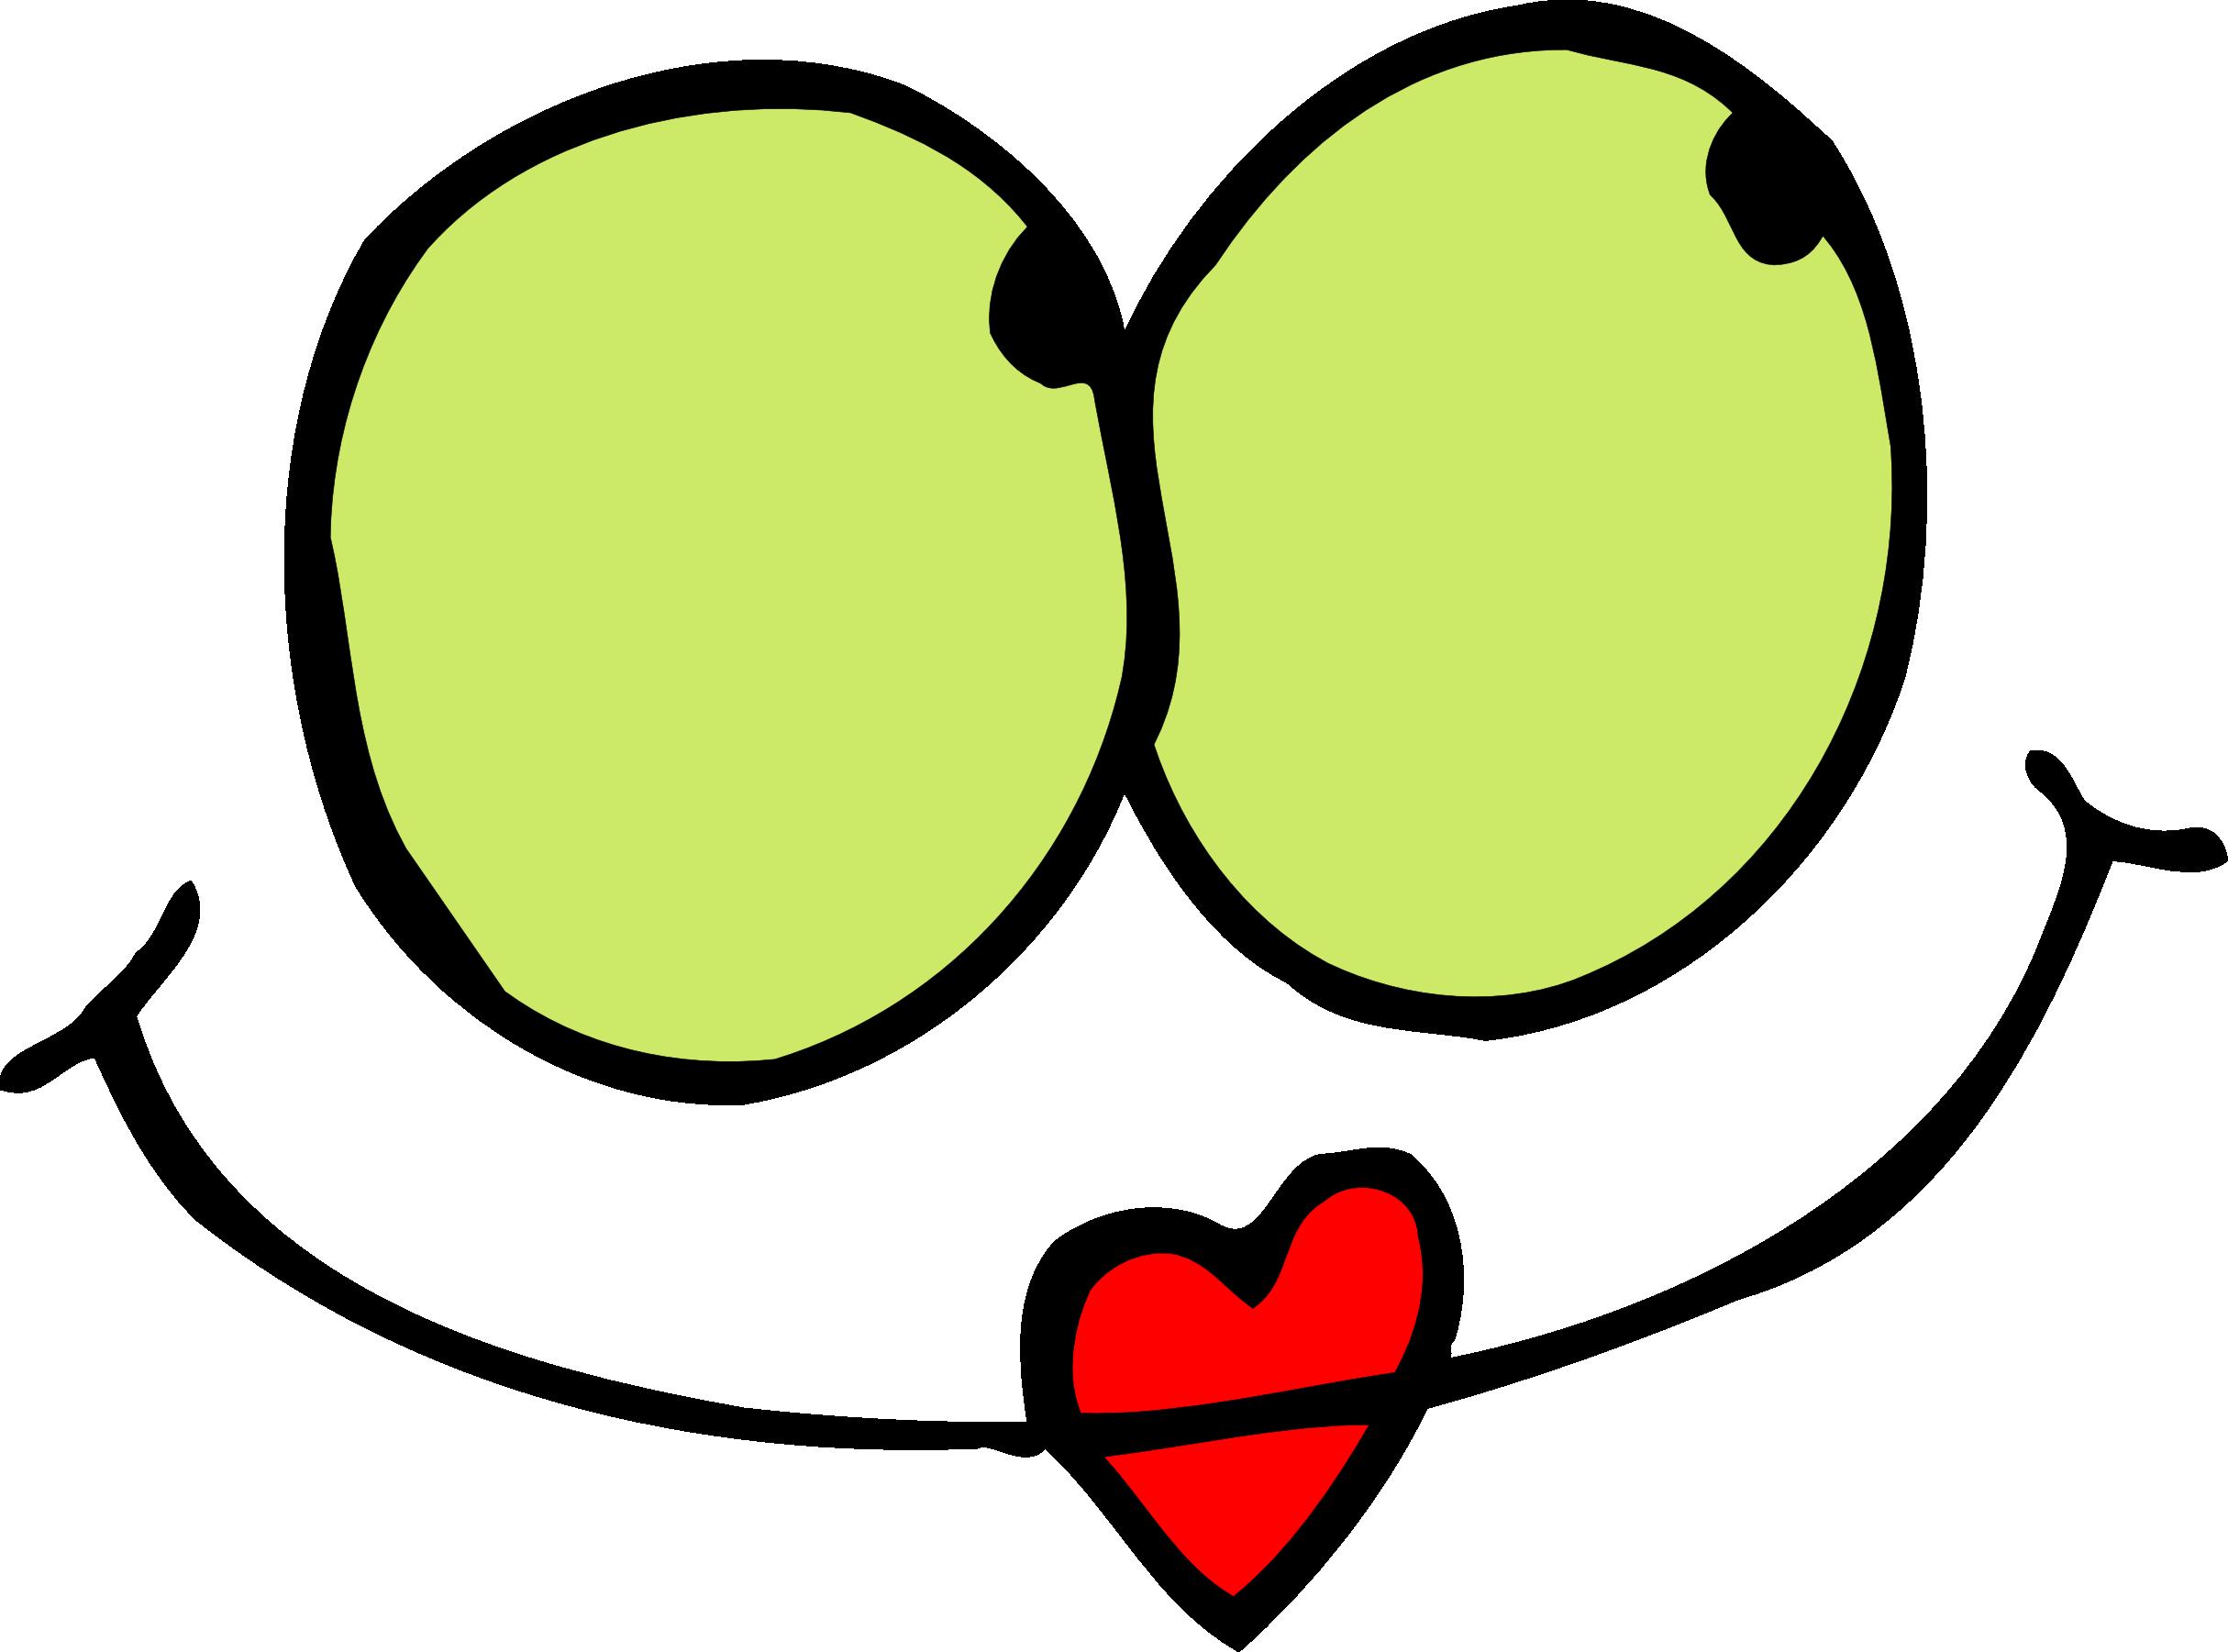 Cartoon Googly Eyes